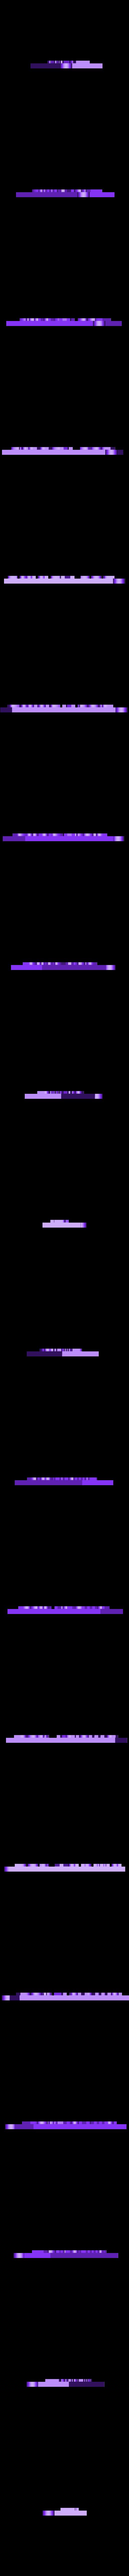 bosyapma.stl Télécharger fichier STL gratuit Boş Porte-clés Yapma - un porte-clés en turc (anahtarlık) • Design pour impression 3D, guvenonru